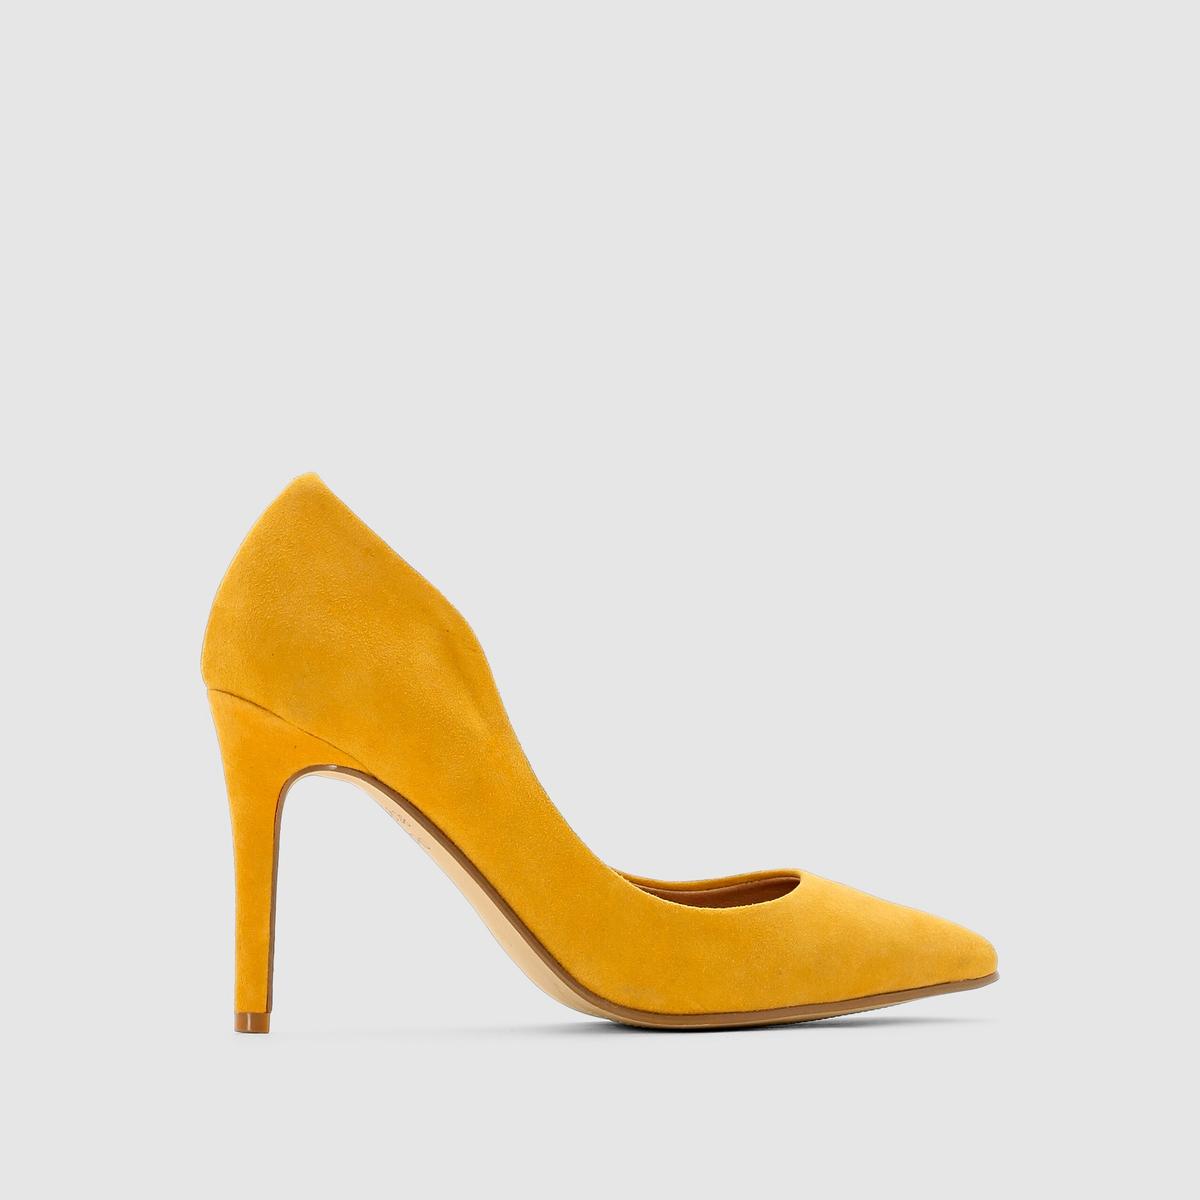 Туфли кожаные на высоком каблукеВерх: Яловичная кожаПодкладка: КожаСтелька: КожаПодошва: ЭластомерКаблук: 9,5 смМарка: R studioКомфорт и натуральный материал, элегантность ультраженственной линии.Мы рекомендуем Вам заказывать модель на размер больше Вашего обычного размера.<br><br>Цвет: желтый<br>Размер: 39